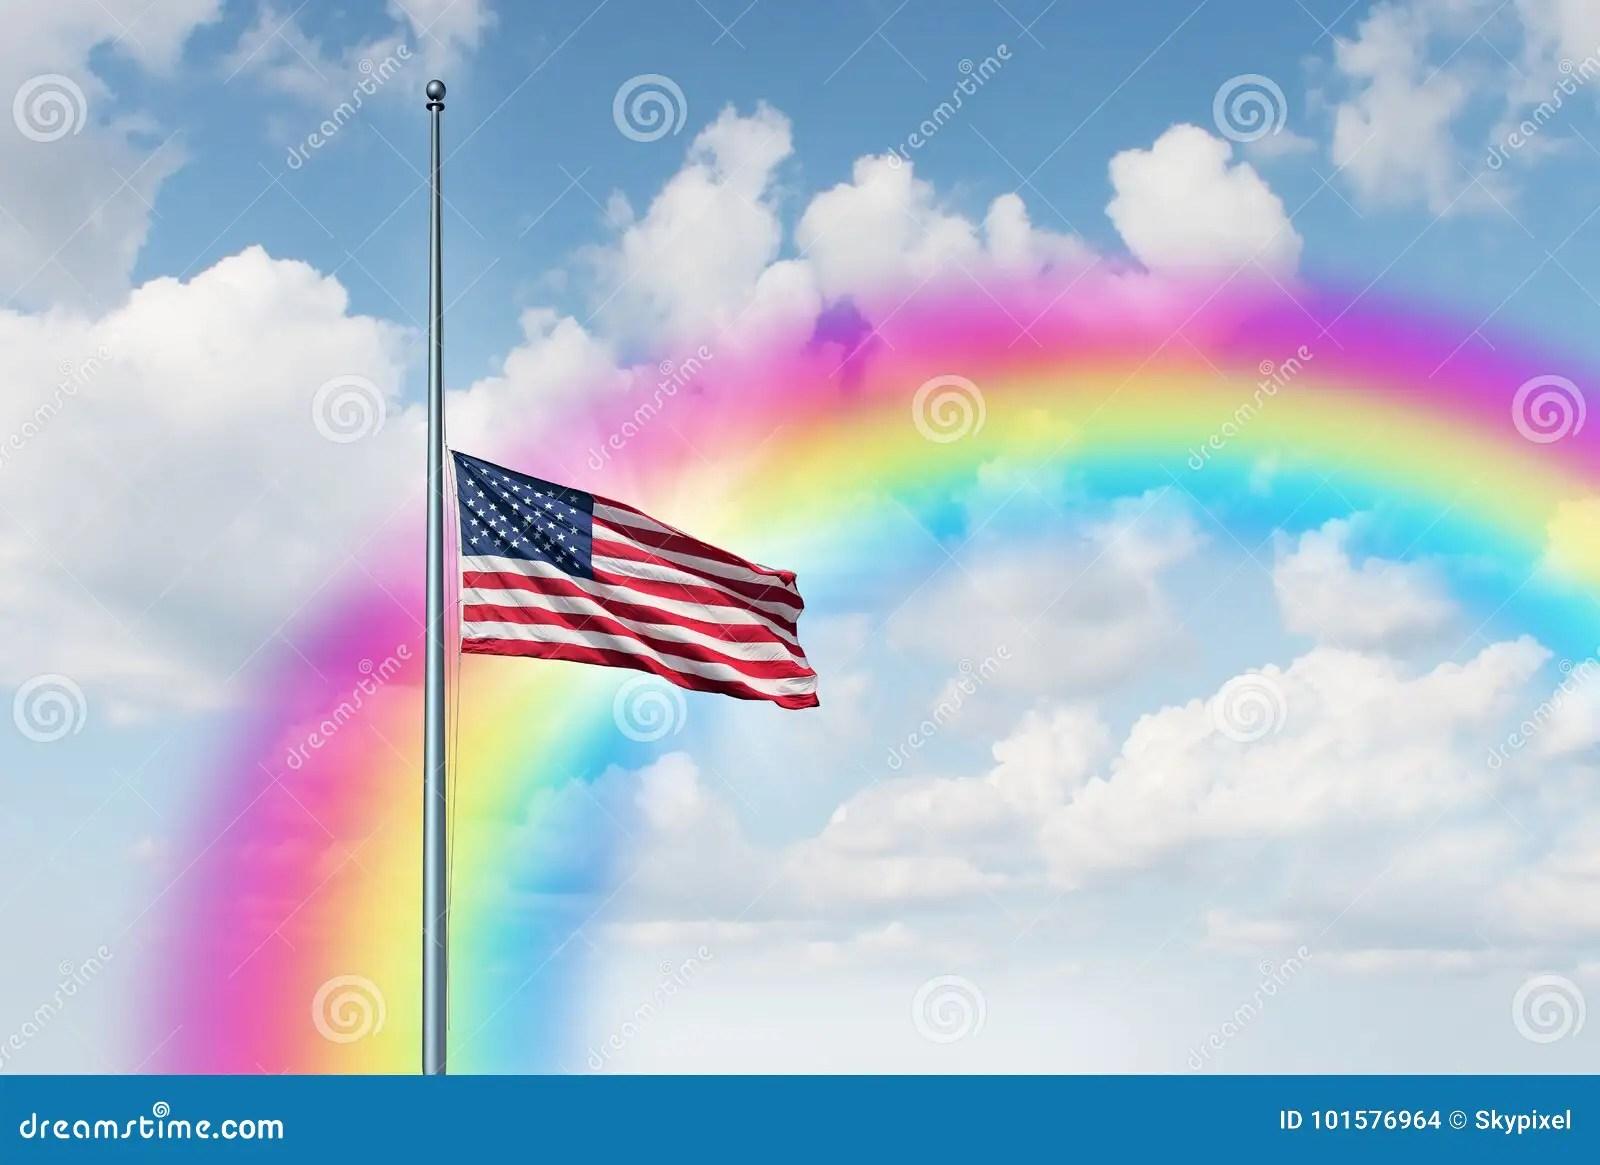 White Flag Mast Half